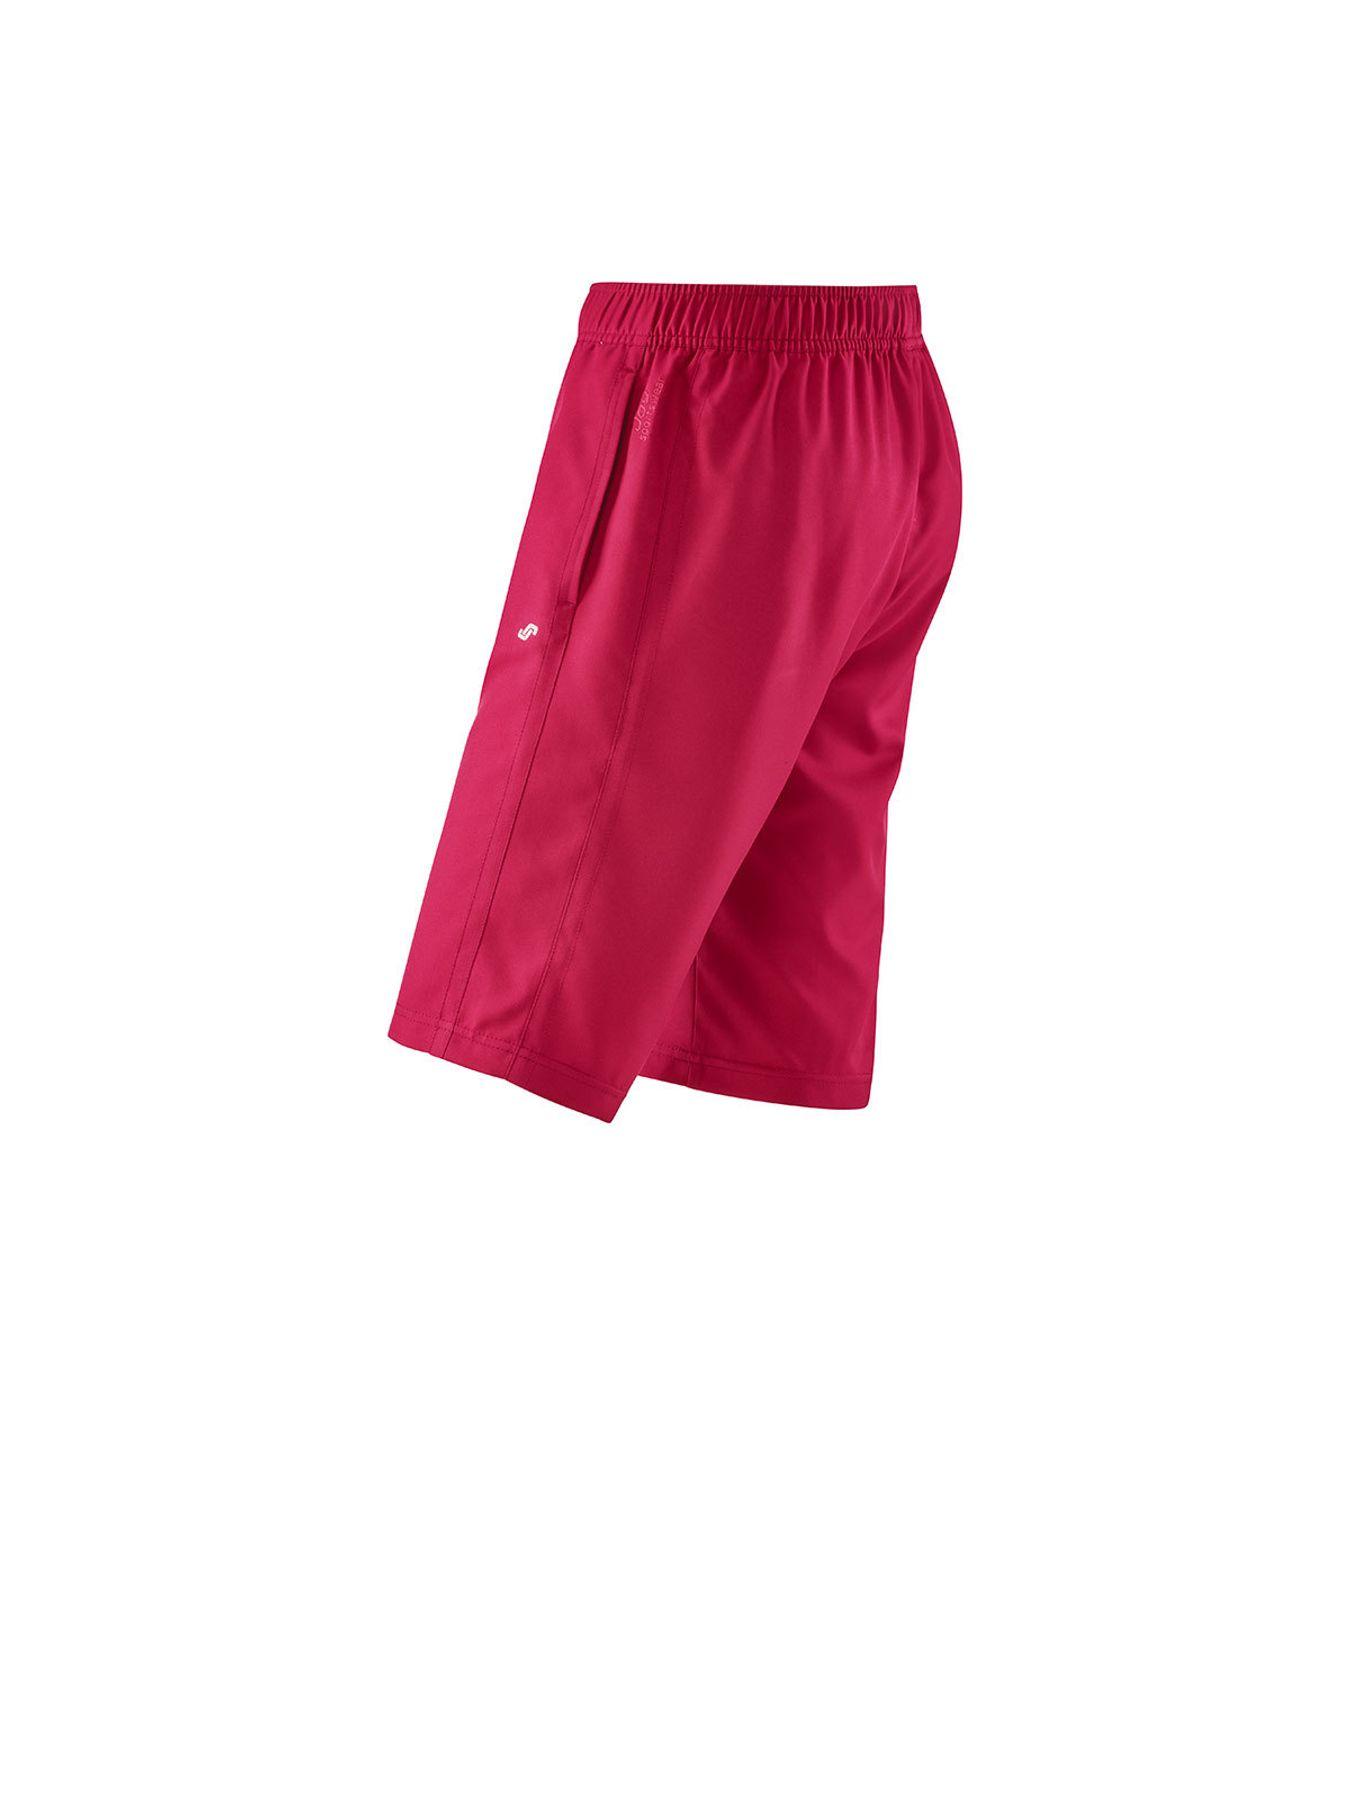 Joy - Damen Sport und Freizeit Shorts, Rania (30188 A) – Bild 7